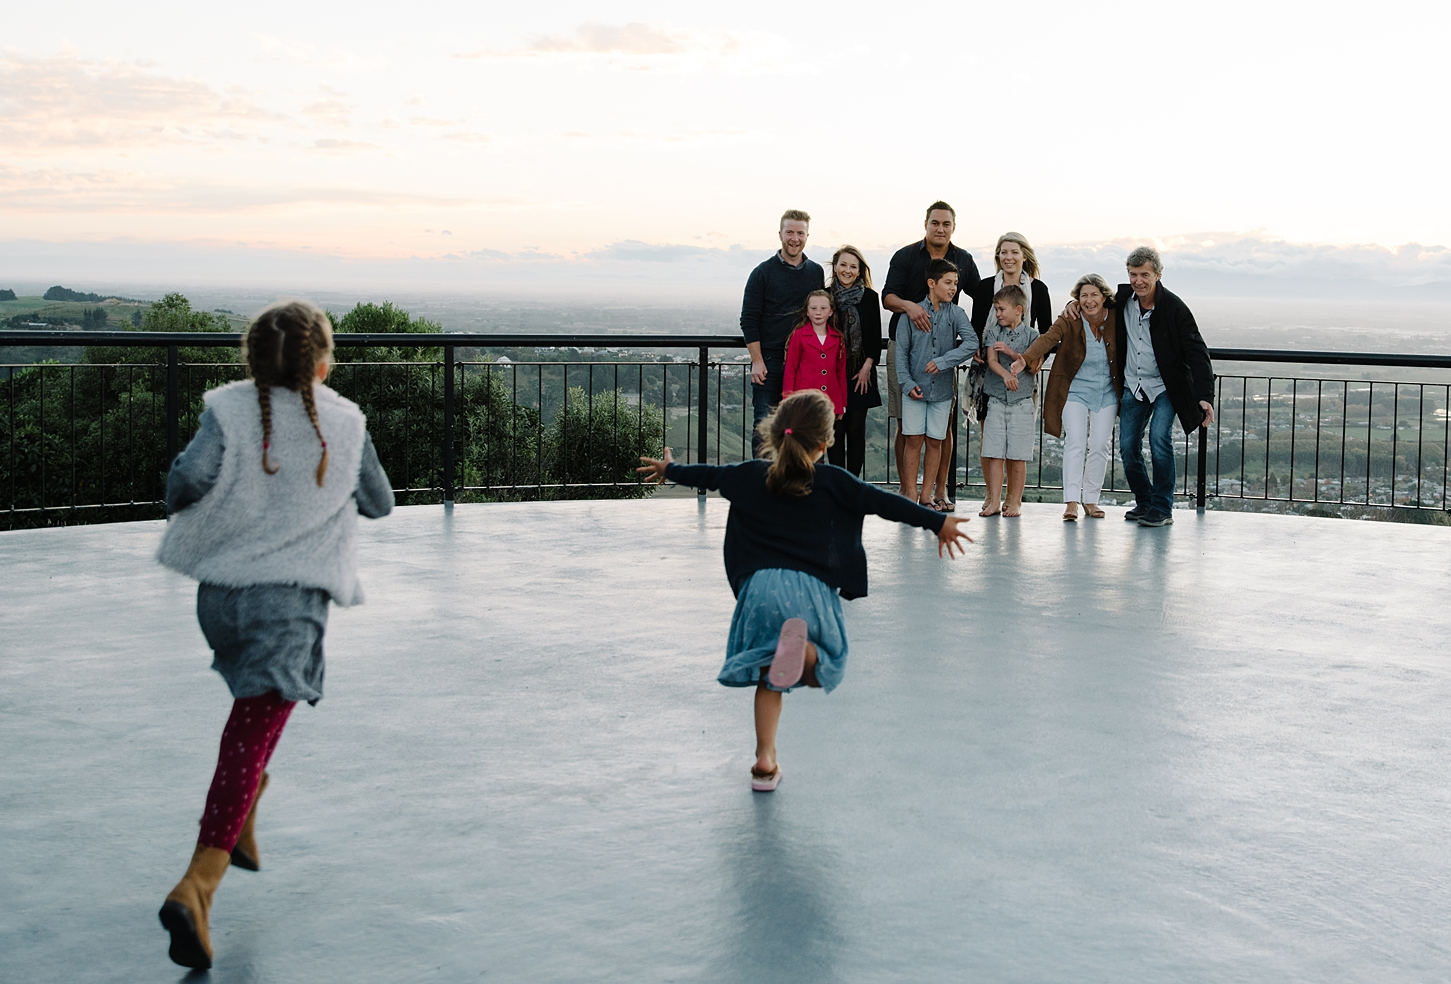 family-photographer-christchurch-nz.jpg